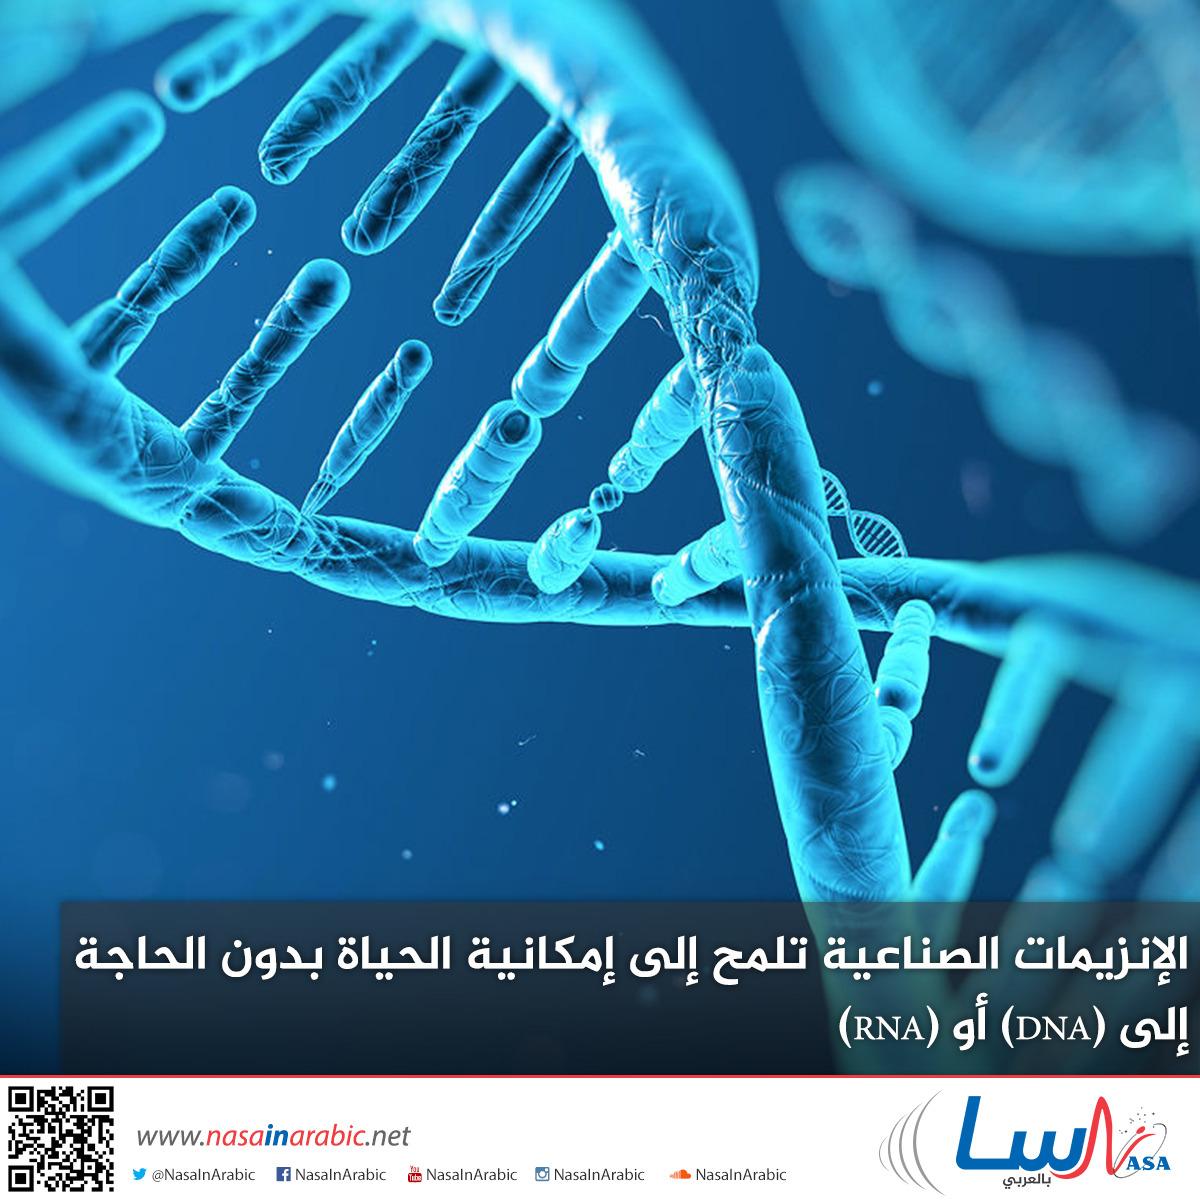 الإنزيمات الصناعية تلمح إلى إمكانية الحياة بدون الحاجة إلى (DNA) أو (RNA)